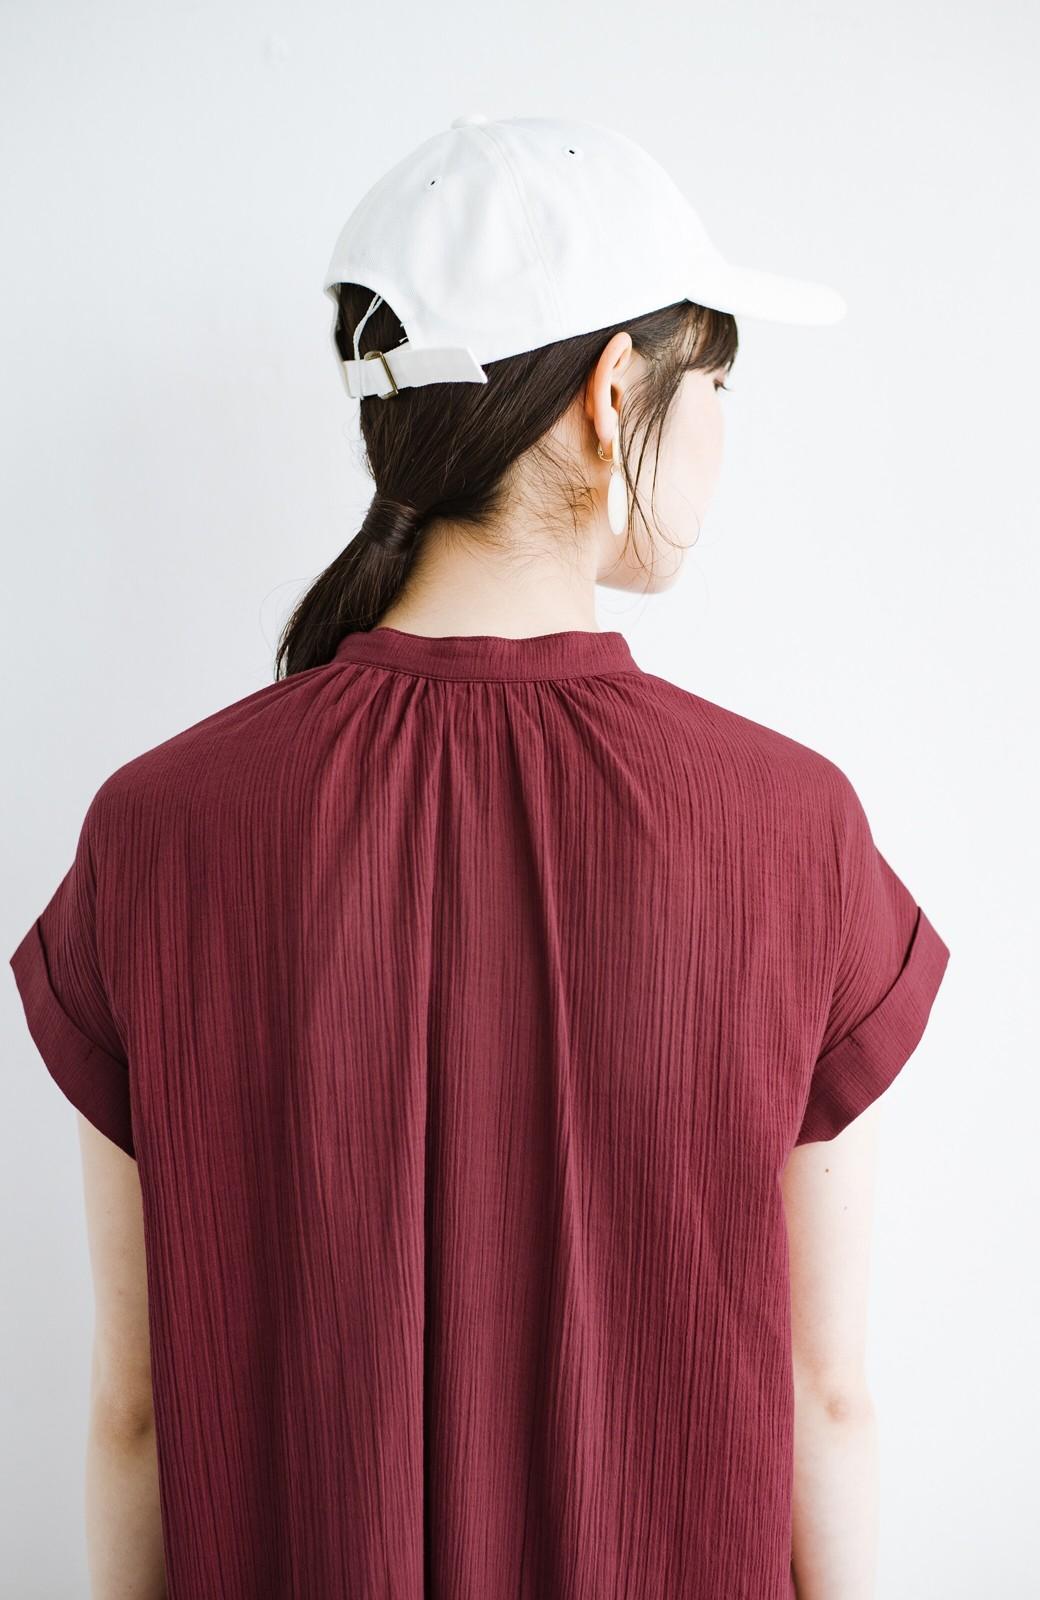 haco! バレずにとことん楽できる 羽織りとしても使える軽やかシャツワンピース <レッド>の商品写真8